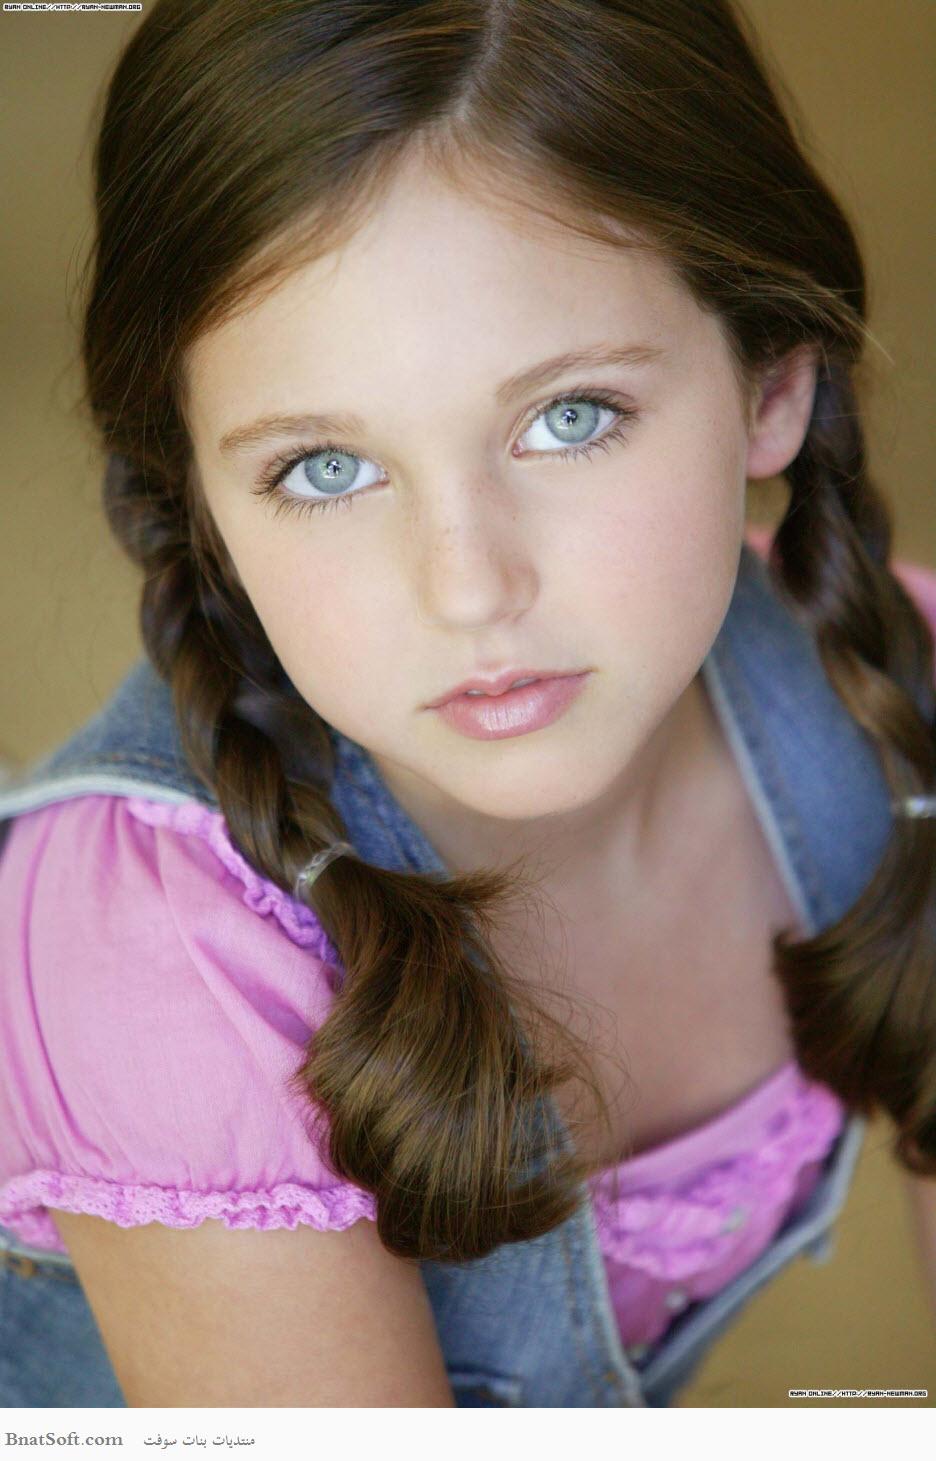 بالصور اجمل فتاة , صور لفتاة جميلة جدا وحلوة رقيقة 6286 1